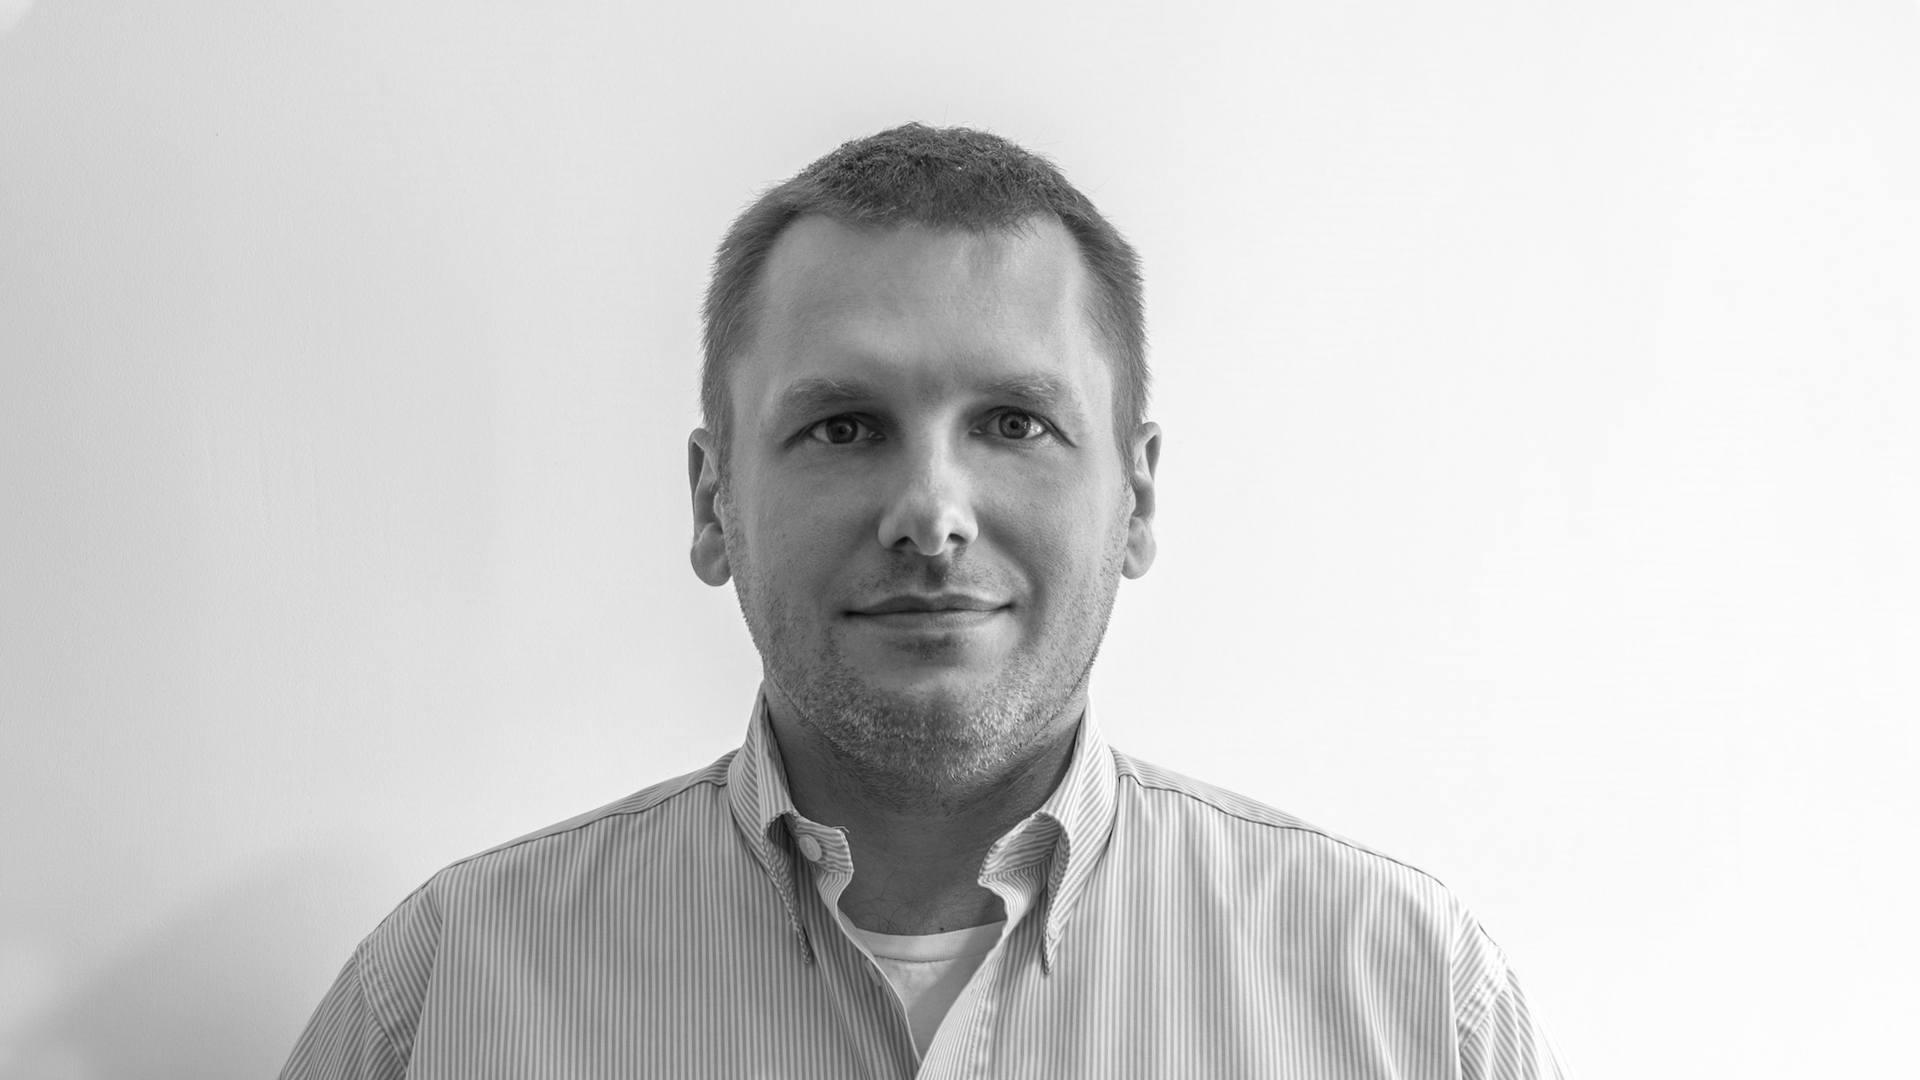 Interview with Lukasz Kuncewicz, enigmapattern.com